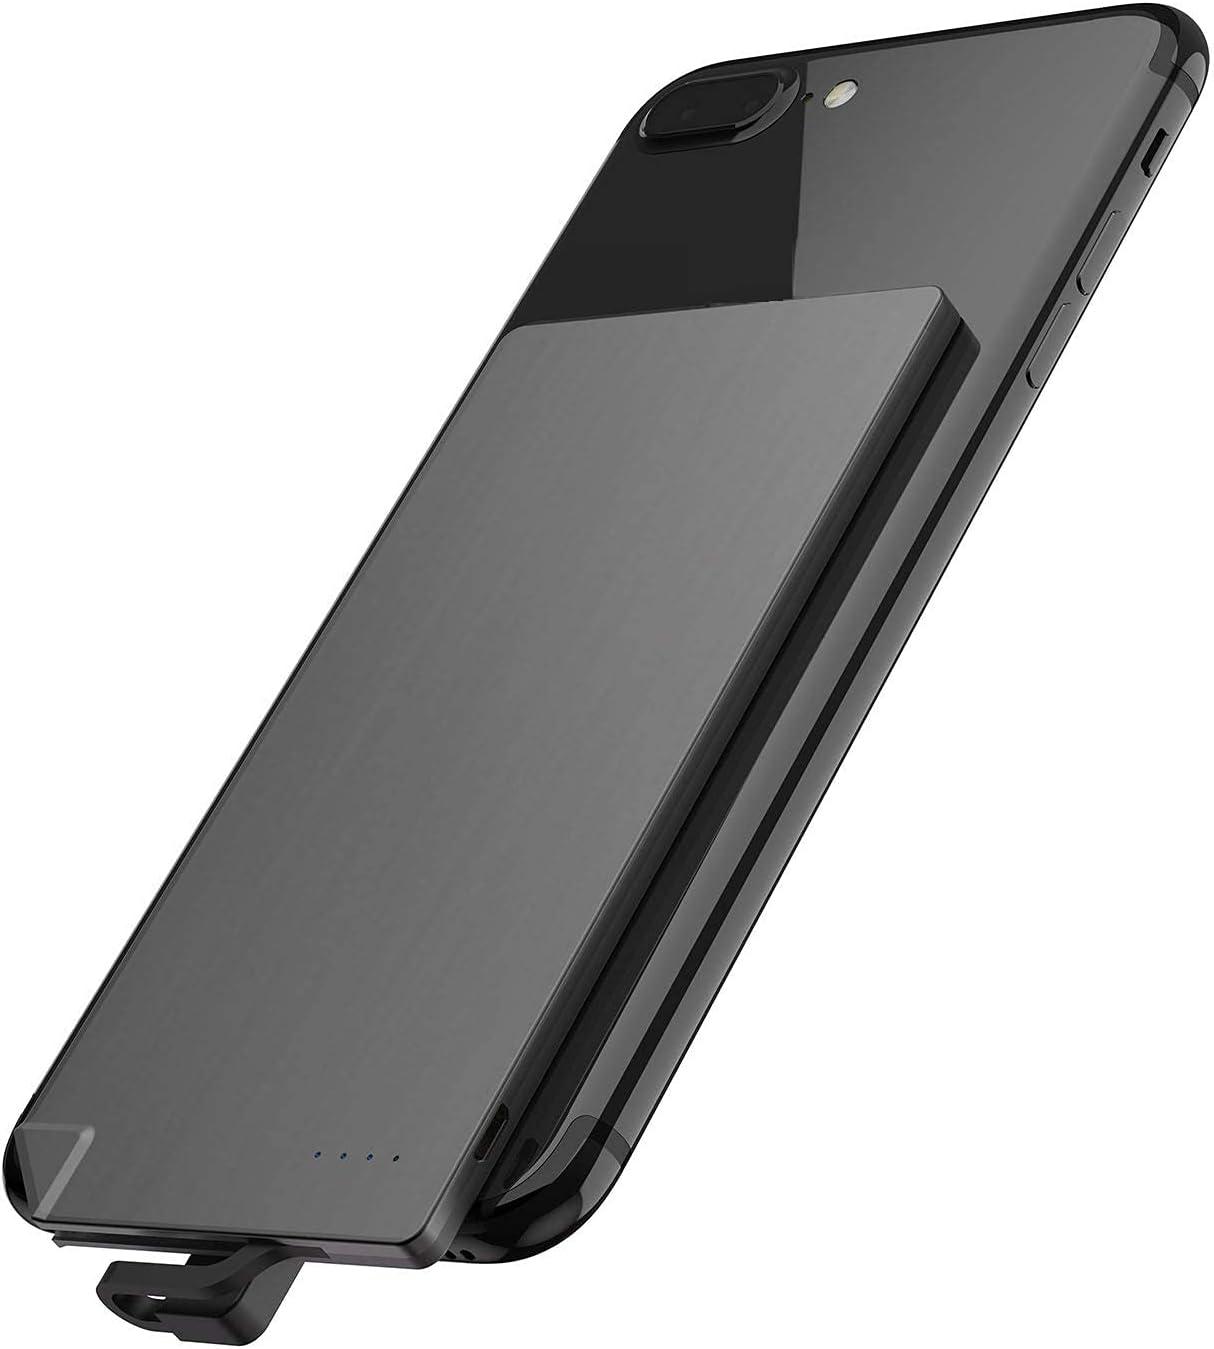 Tcbz Power Bank Cargador de teléfono portátil Ultra Delgado Cable Incorporado Batería de Respaldo 2 Salidas con 4 Indicadores LED para teléfonos Inteligentes iPhone, tabletas y disposit